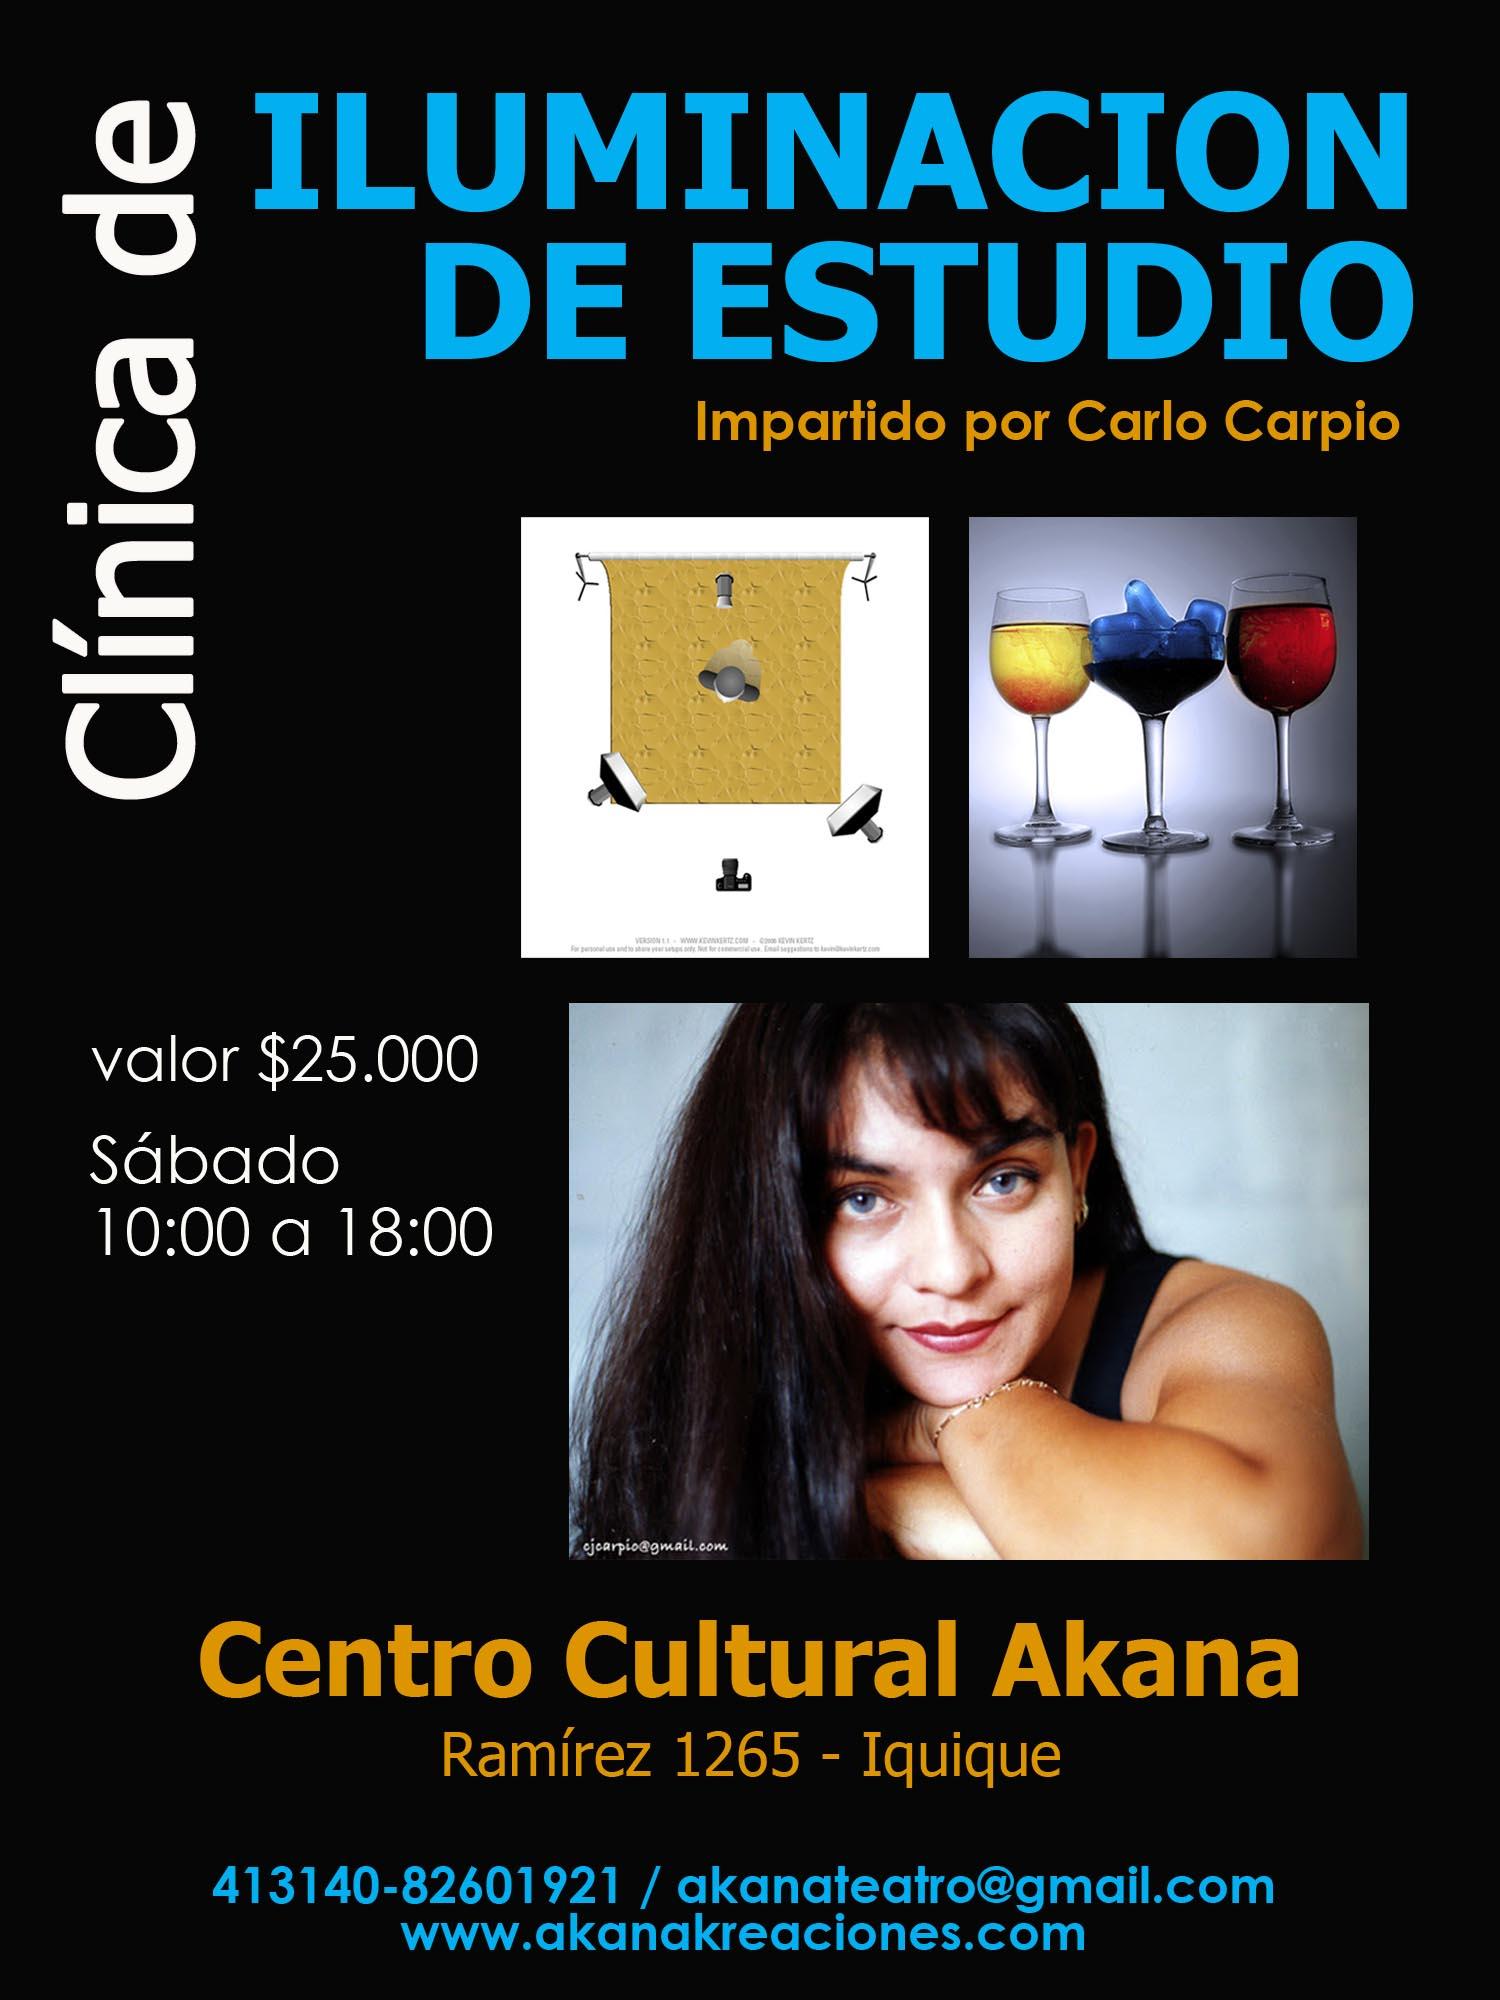 ILUMINACIÓN DE ESTUDIO – Clínica/Taller – 2013 Iquique